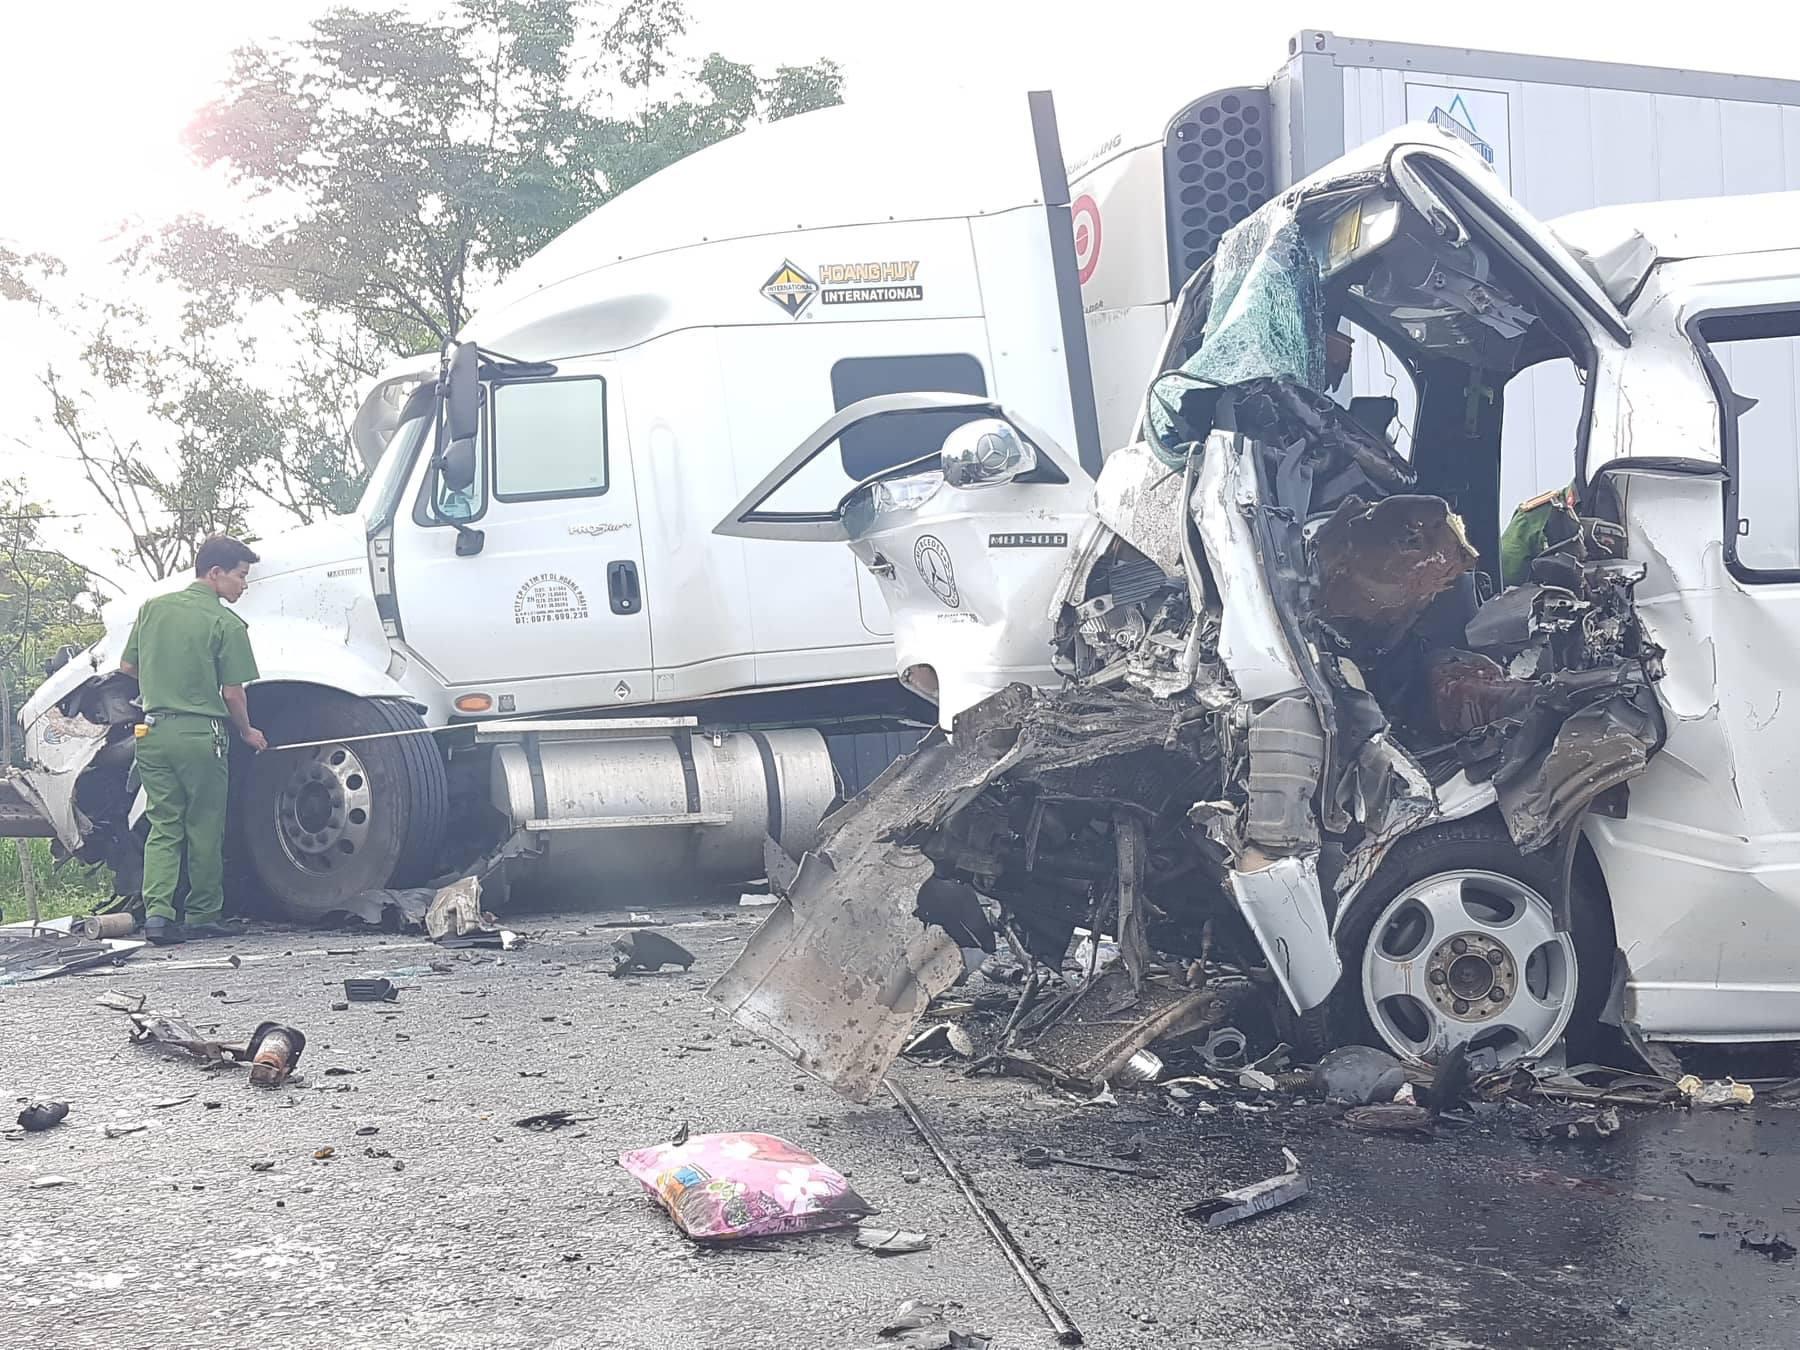 Ảnh: Hiện trường vụ xe rước dâu gặp tai nạn thảm khốc khiến chú rể và 12 người tử vong - Ảnh 5.